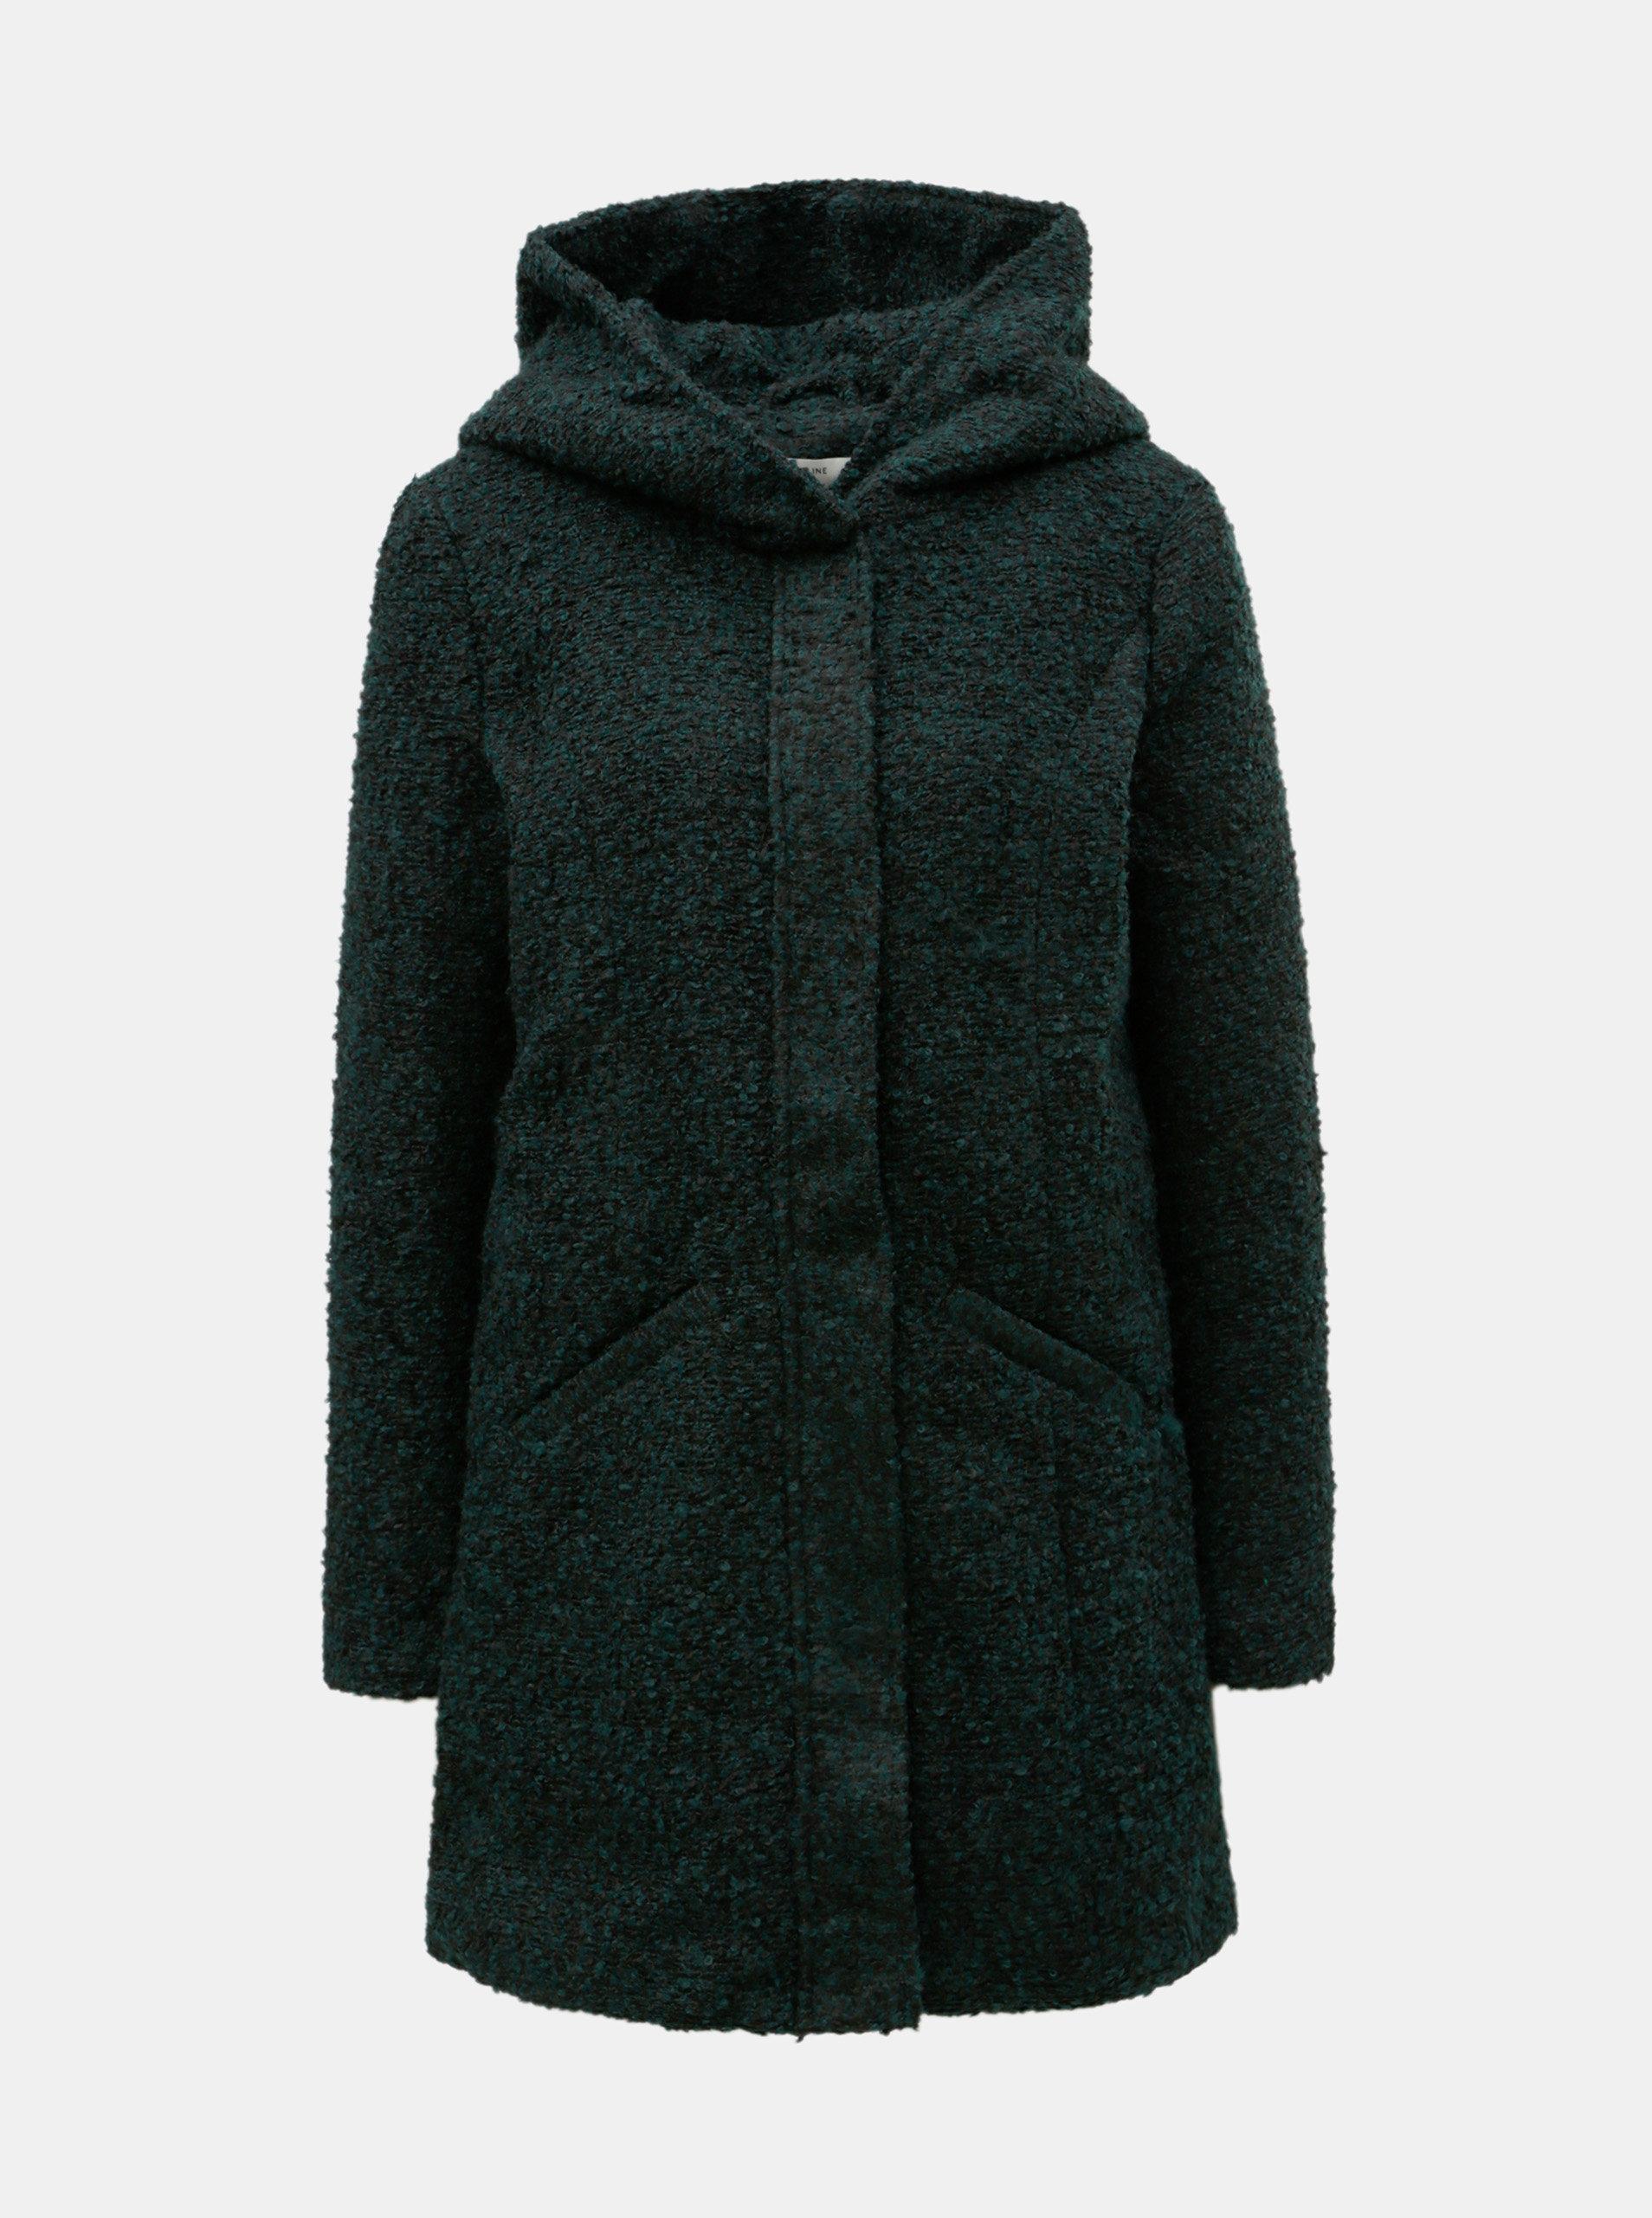 Tmavě zelený žíhaný kabát s kapucí Jacqueline de Yong Demea